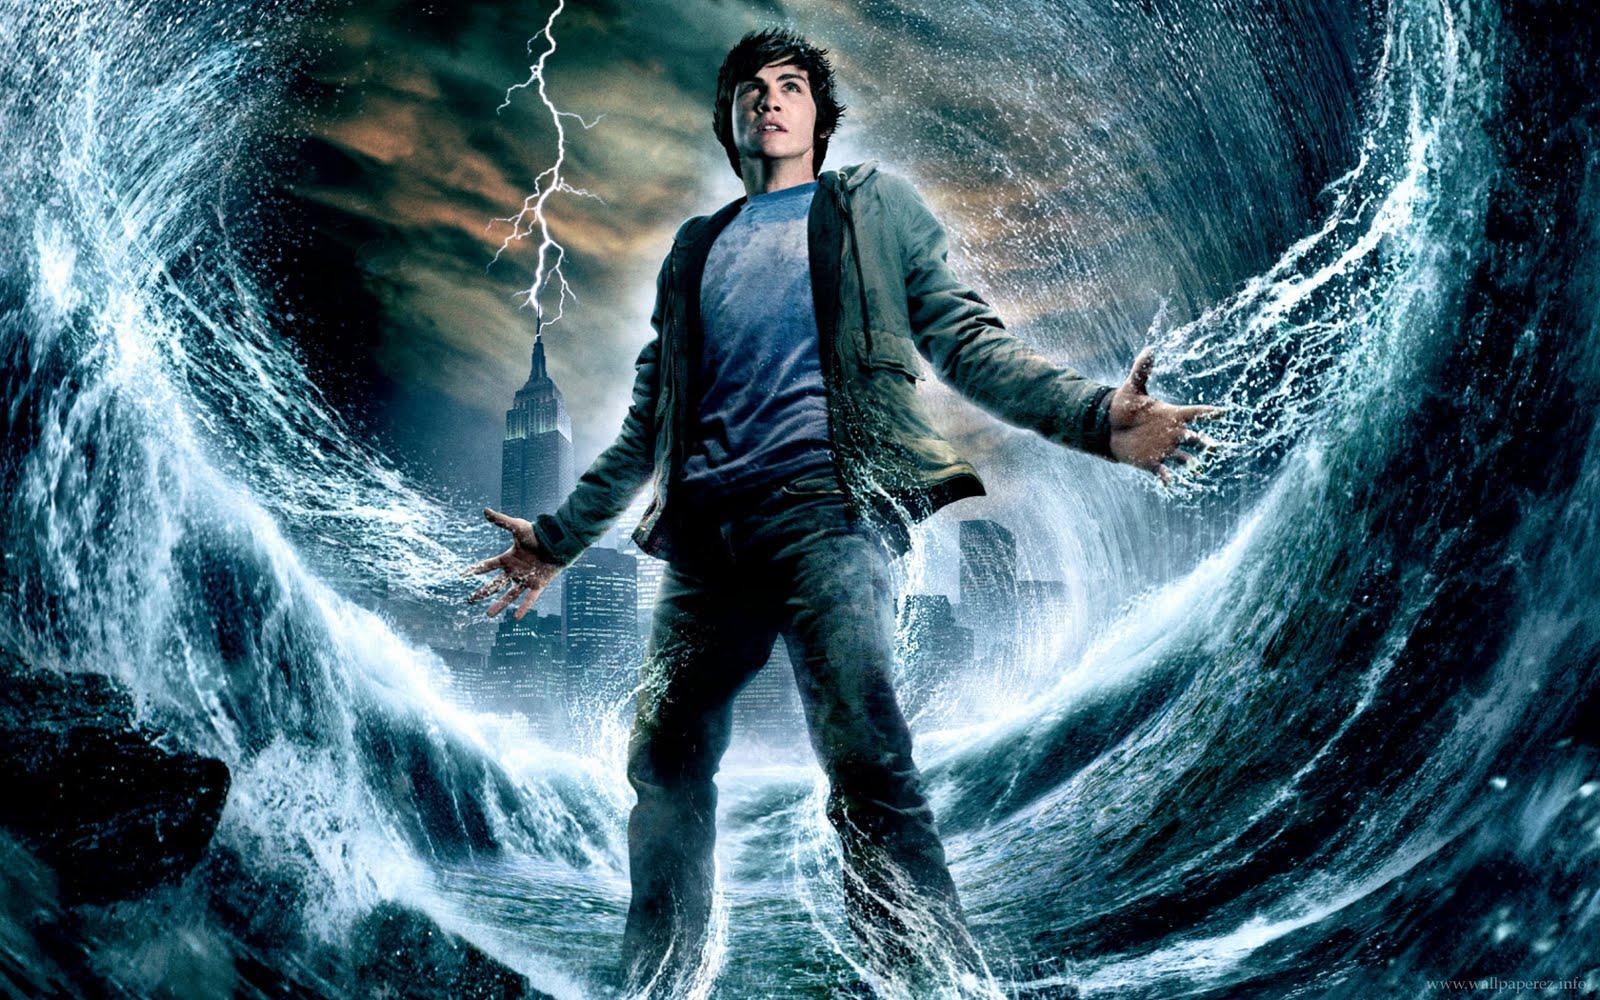 Luke Skywalker Vs Eragon Vs Percy Jackson